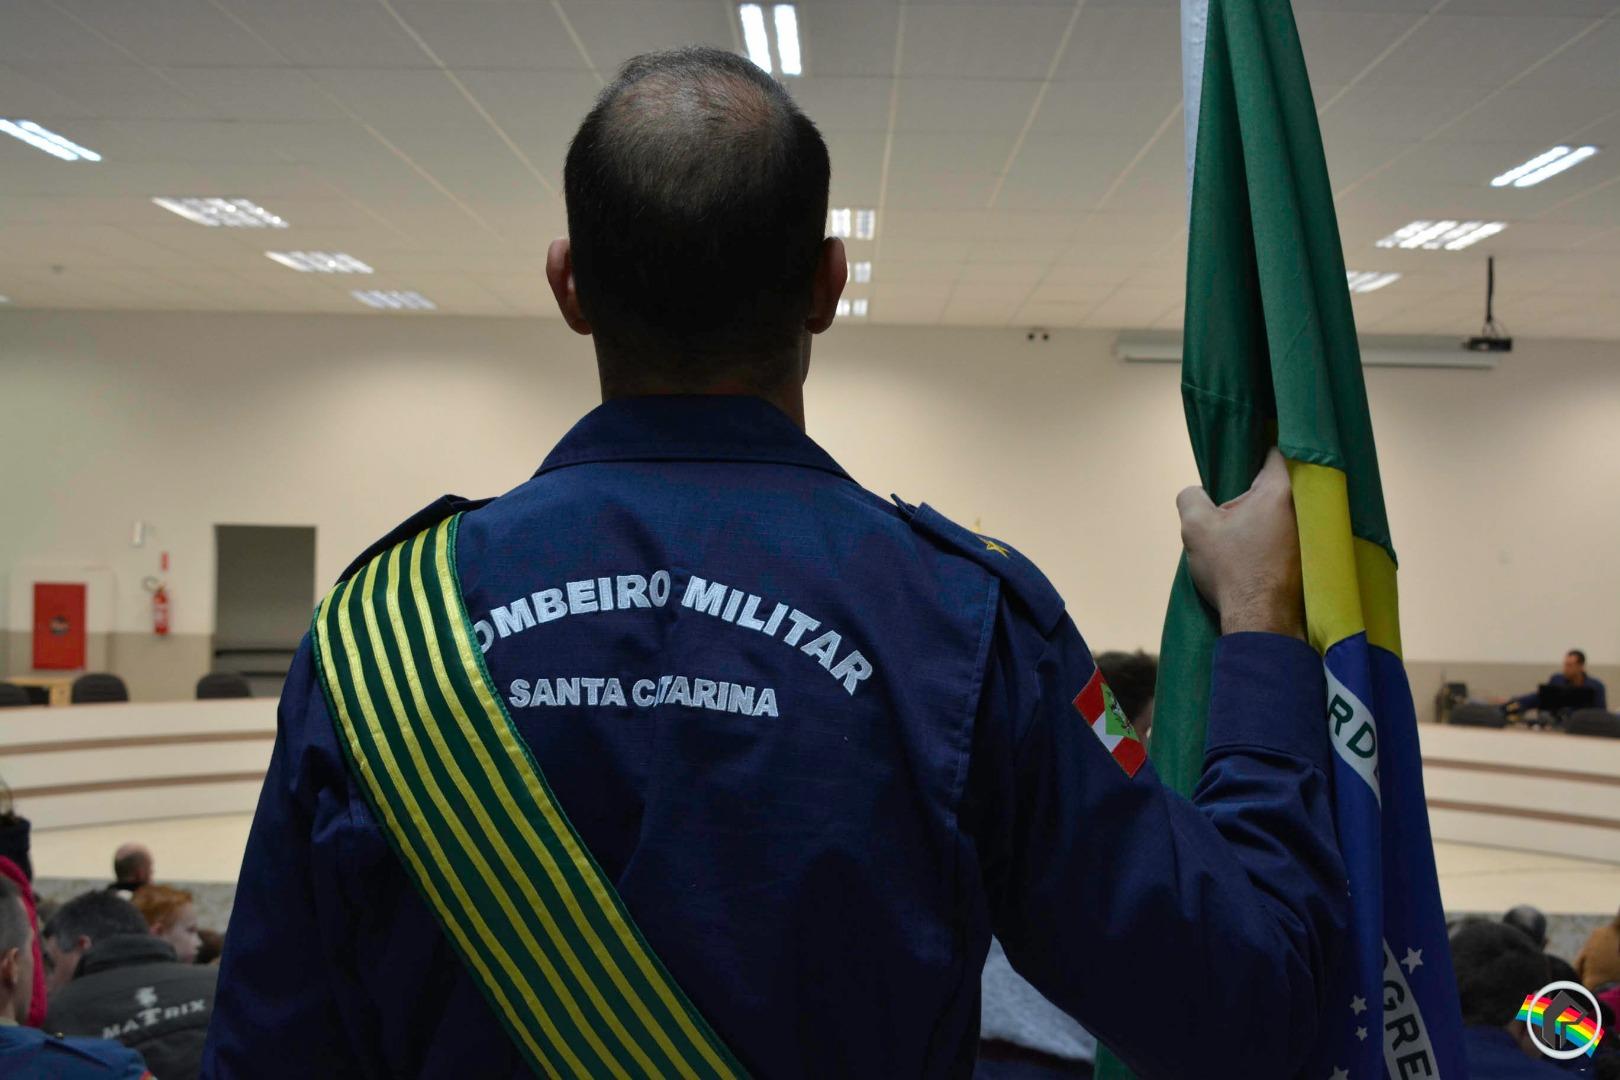 Solenidade de promoção e formação marca 15 anos de emancipação institucional do CBSC